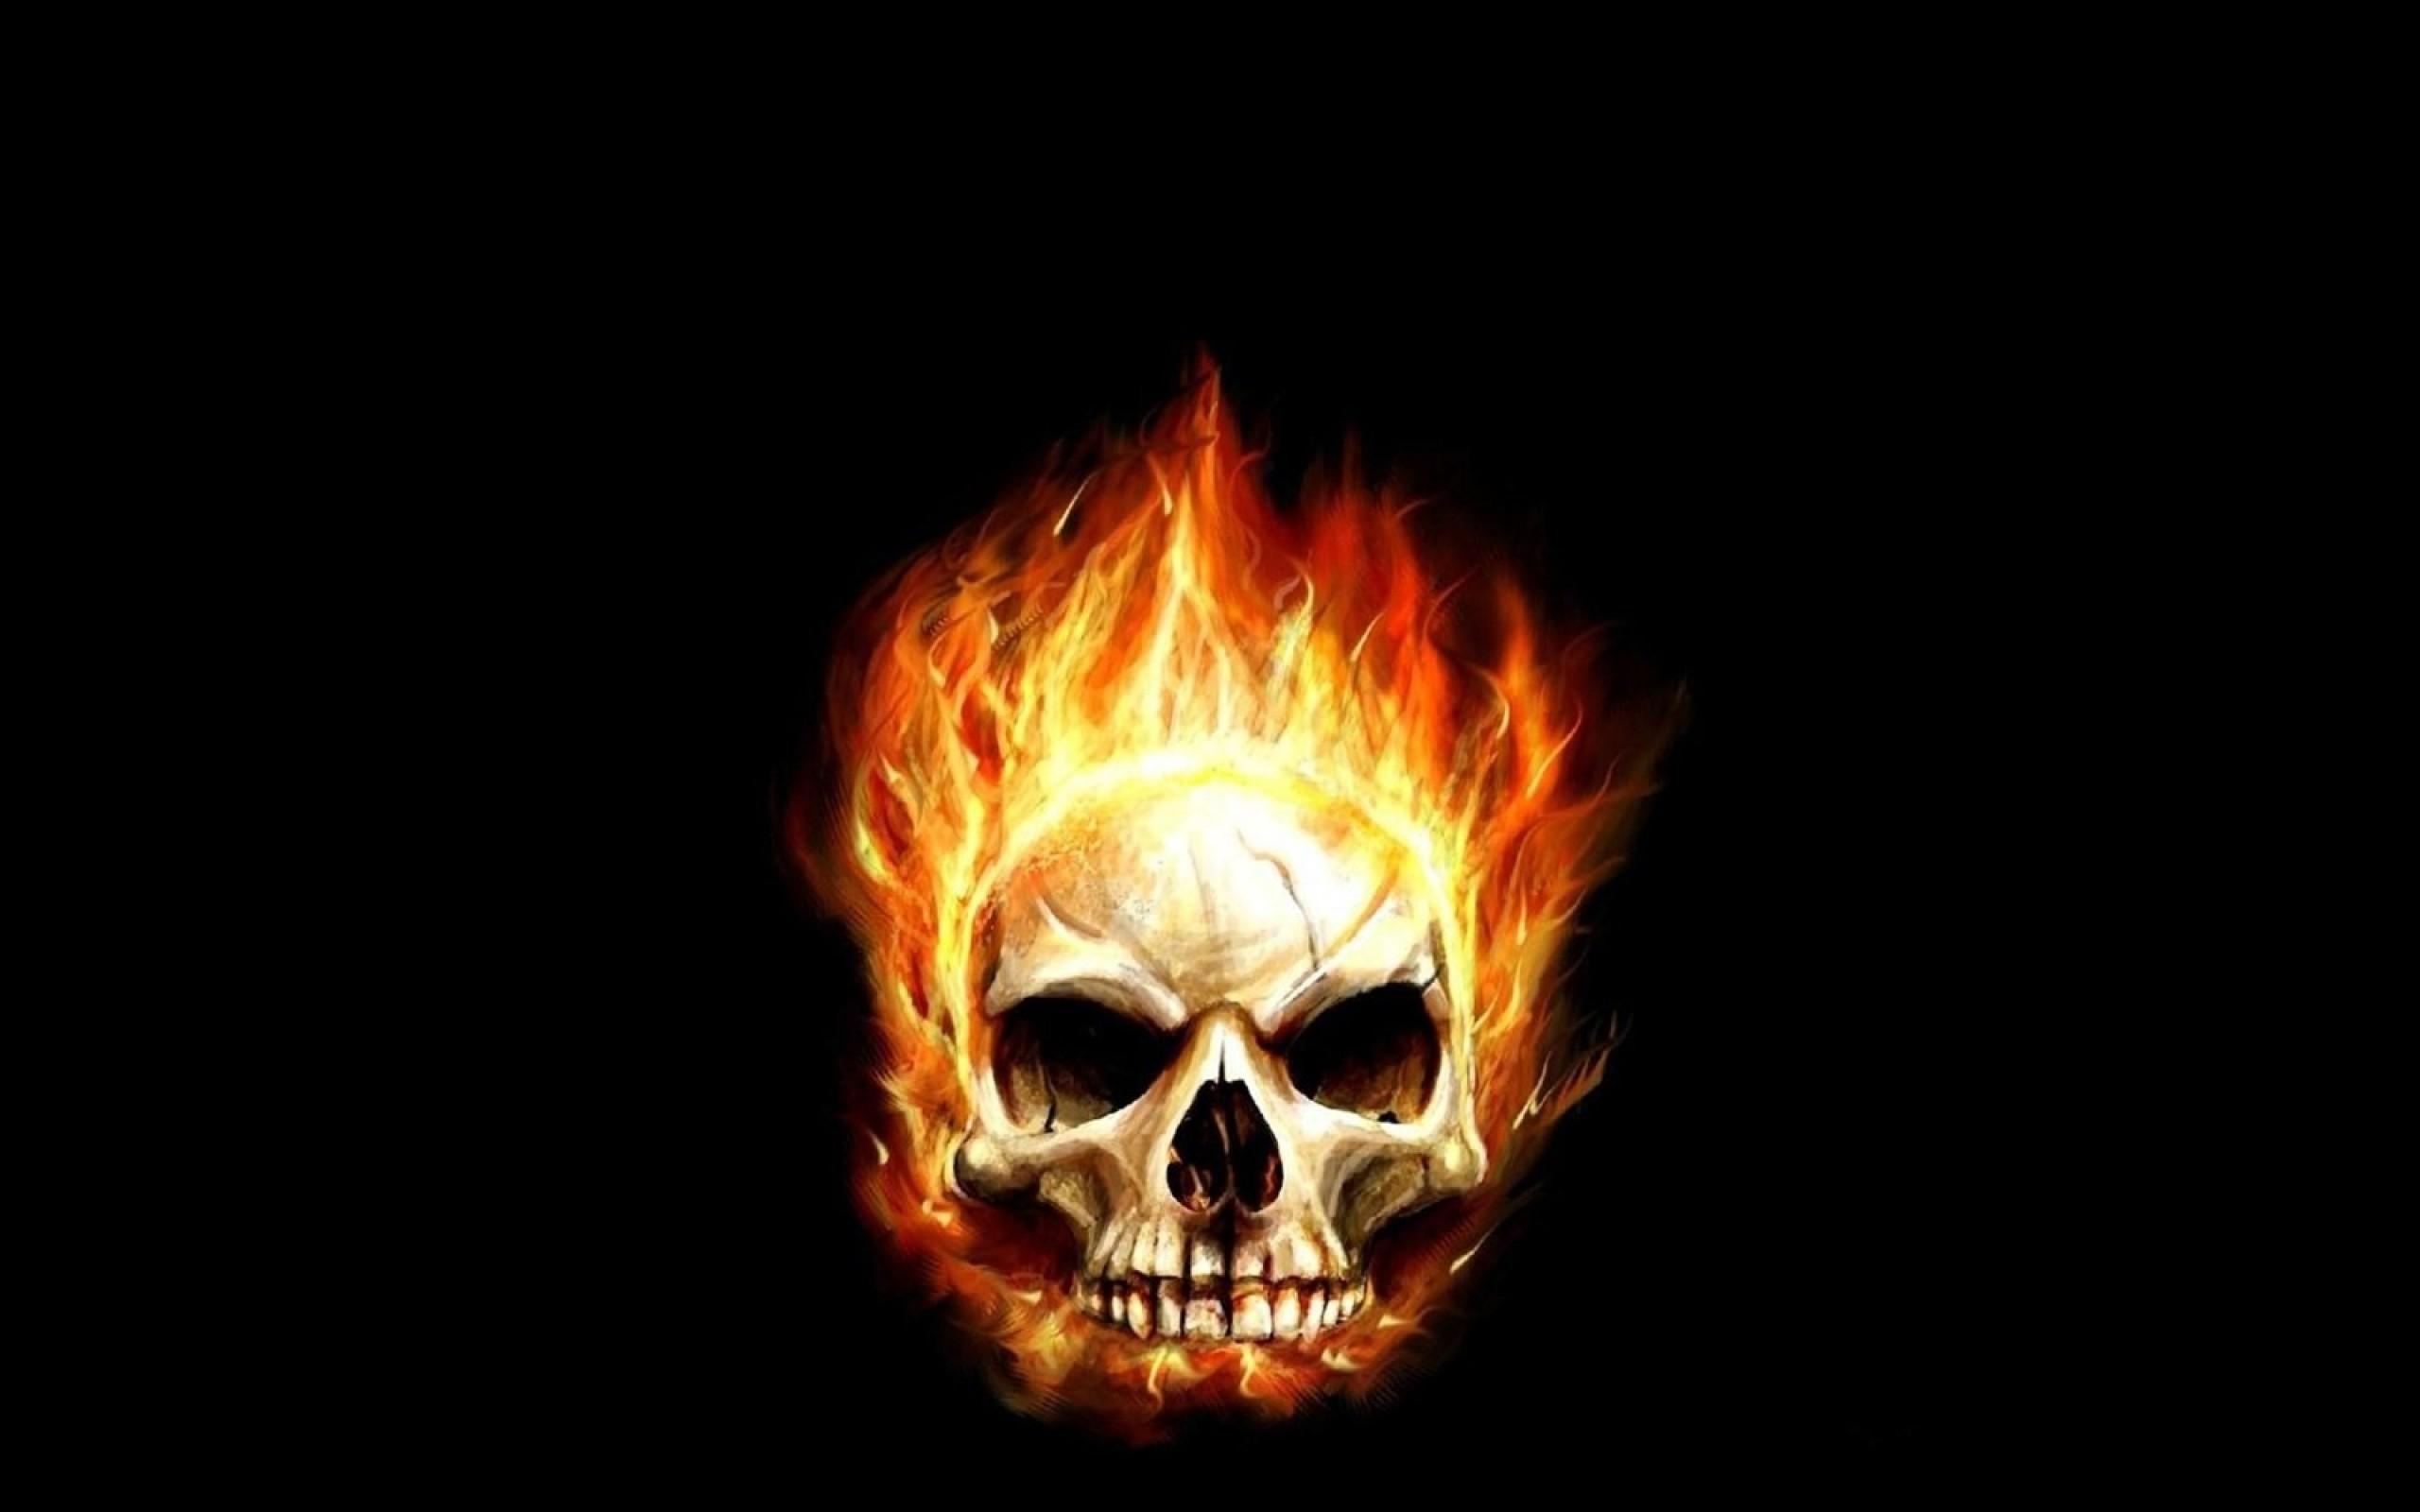 flaming skull wallpaper 1600×1200 wallpaper Art HD Wallpaper